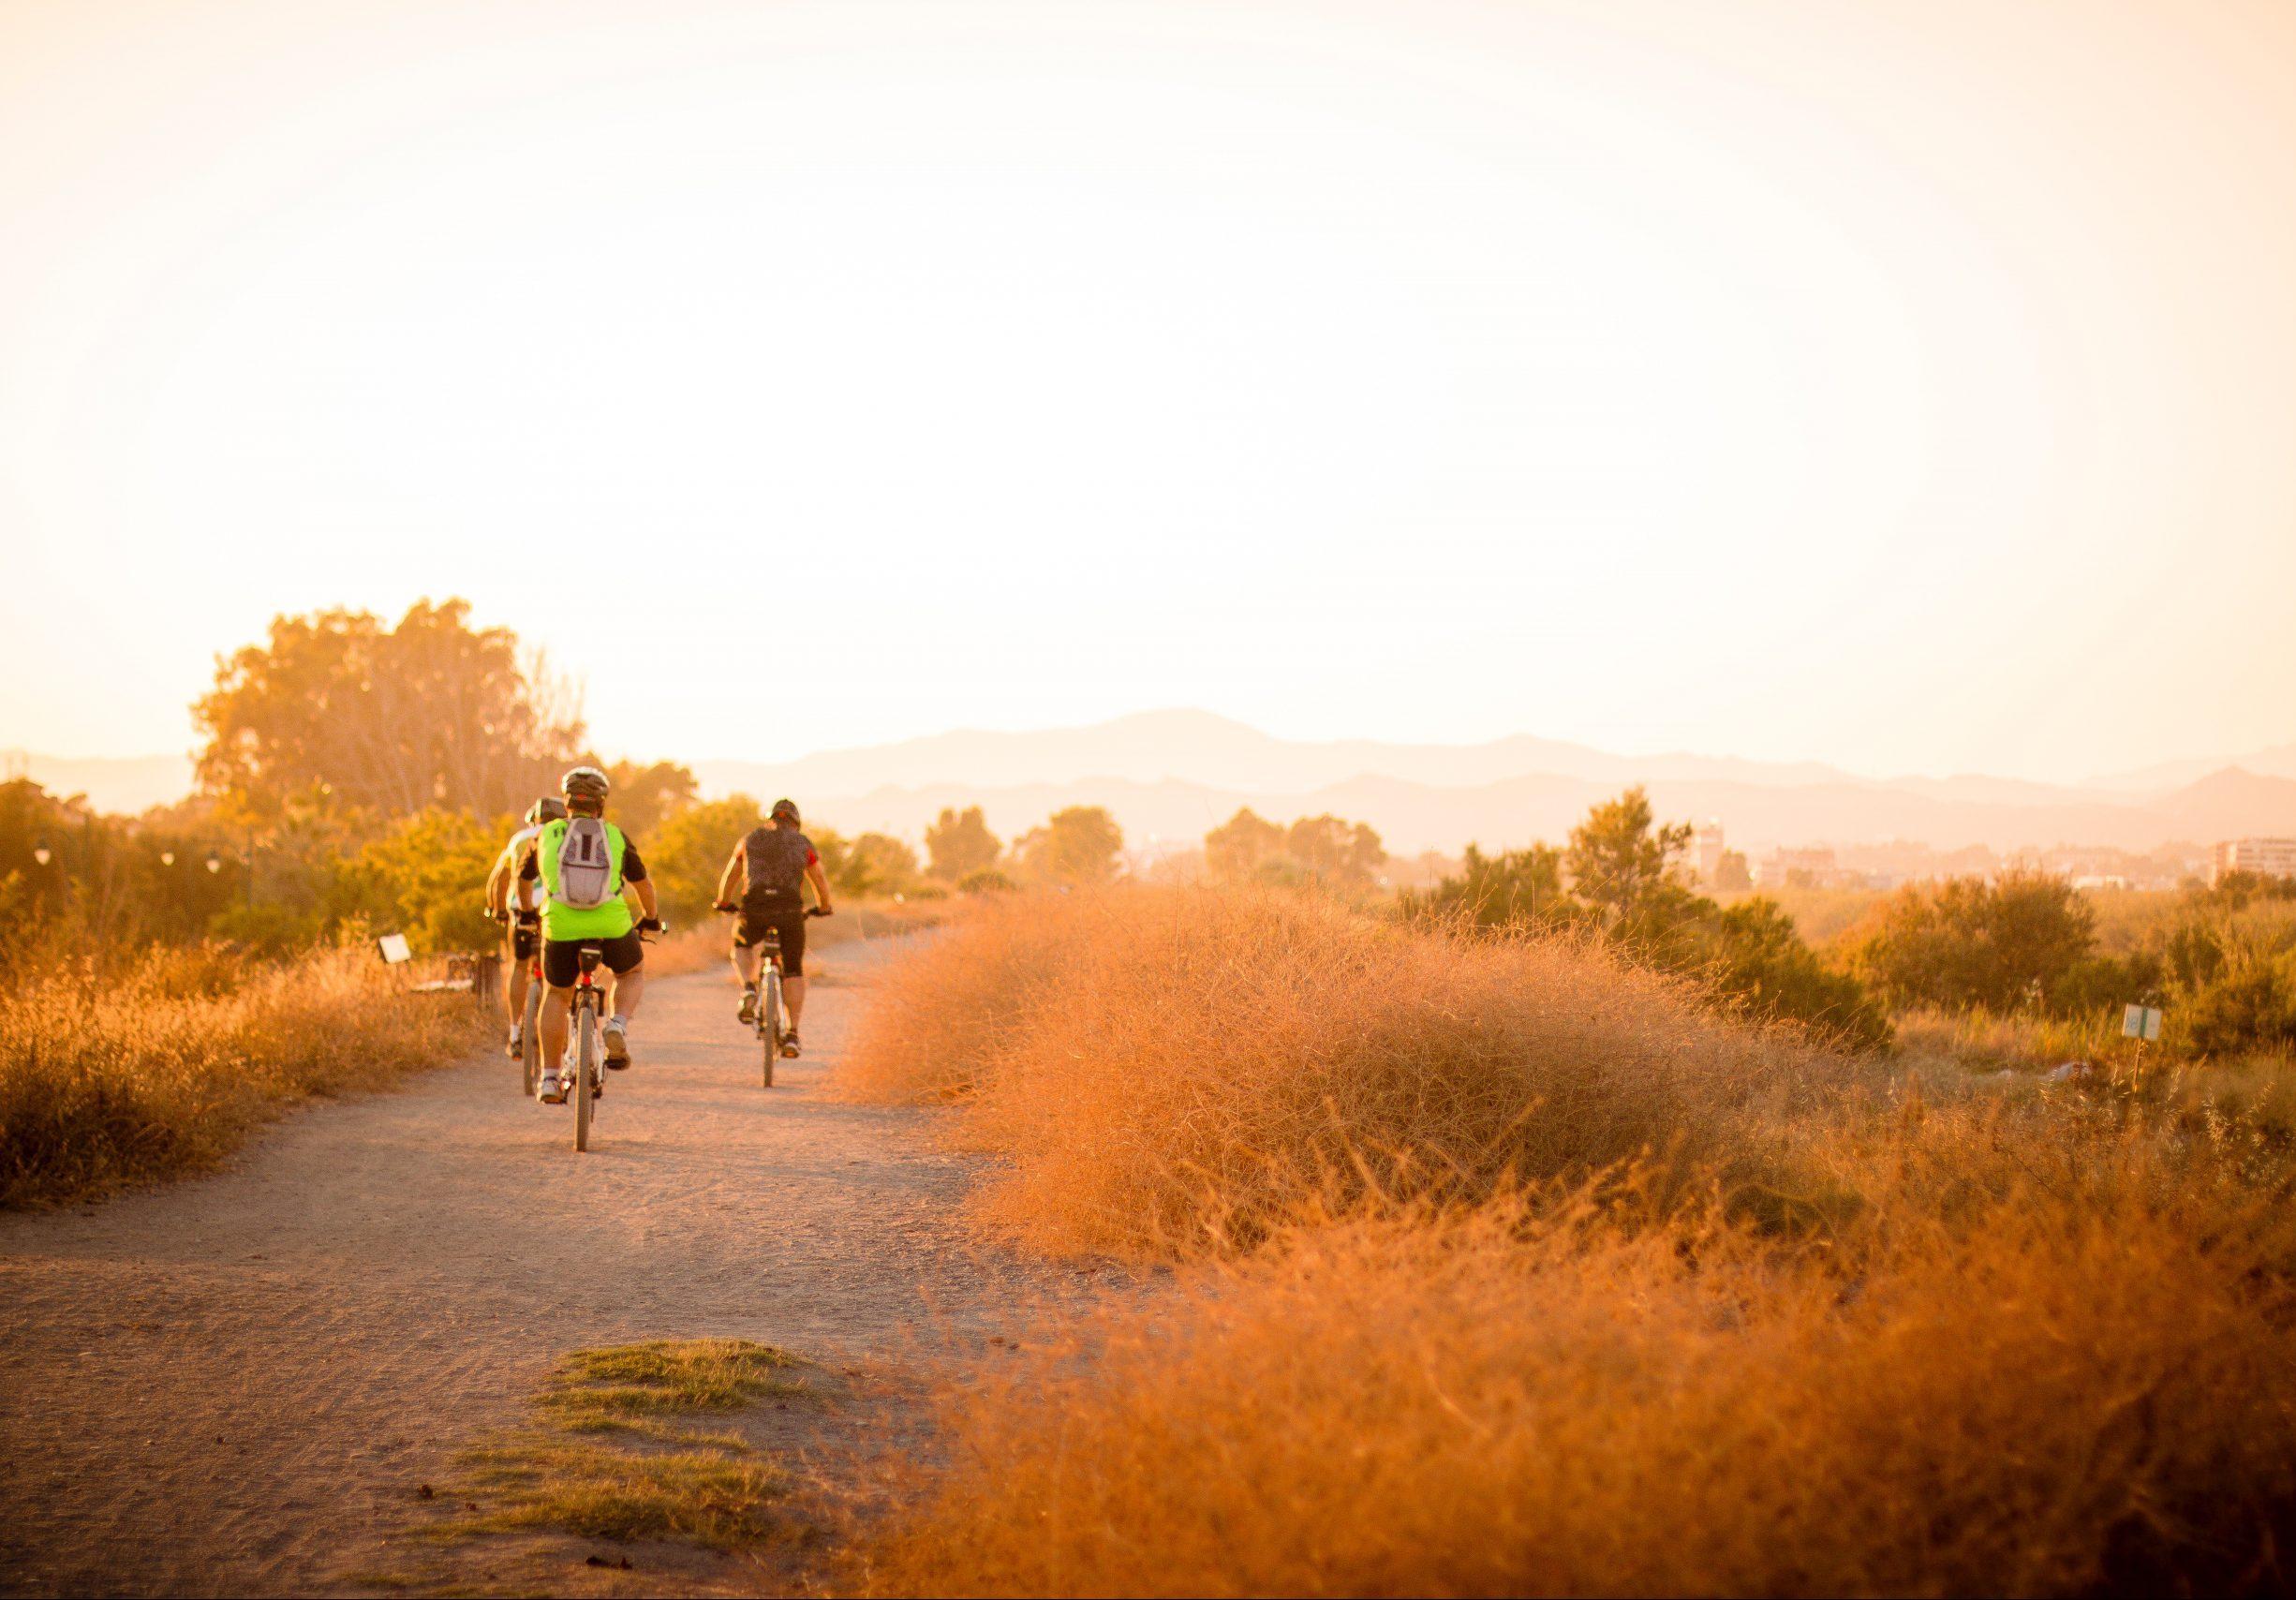 rutas por la mañana en bicicleta colores preciosos